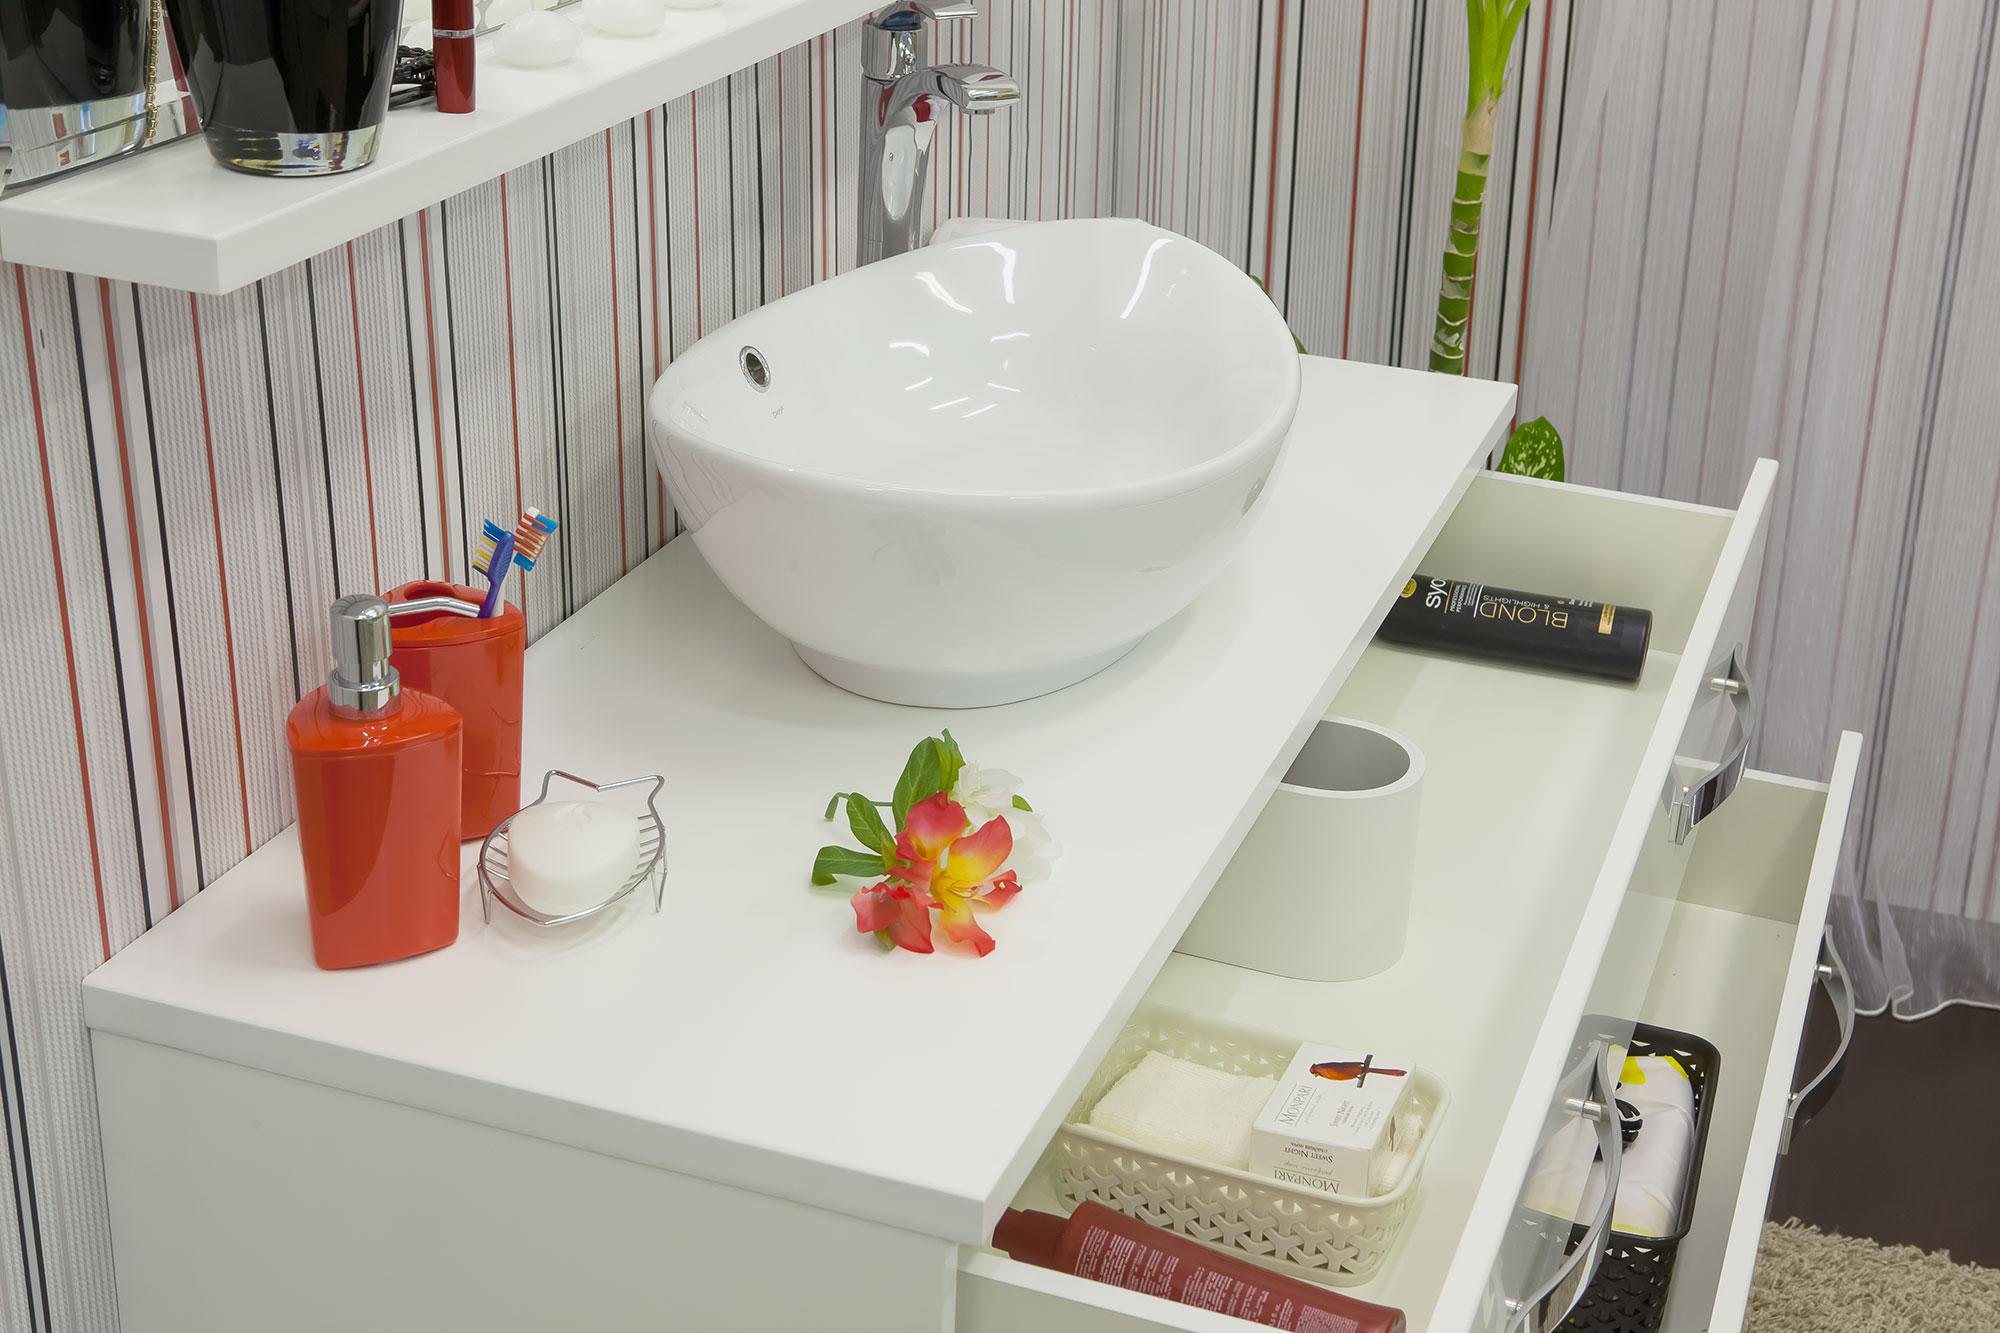 Сбор заказов. Для ванных комнат: тумбы, умывальники, пеналы, полупеналы, зеркала. 3D-фрезерование, патинирование, экологически чистые материалы. Мебель, которую выгодно покупать - 3